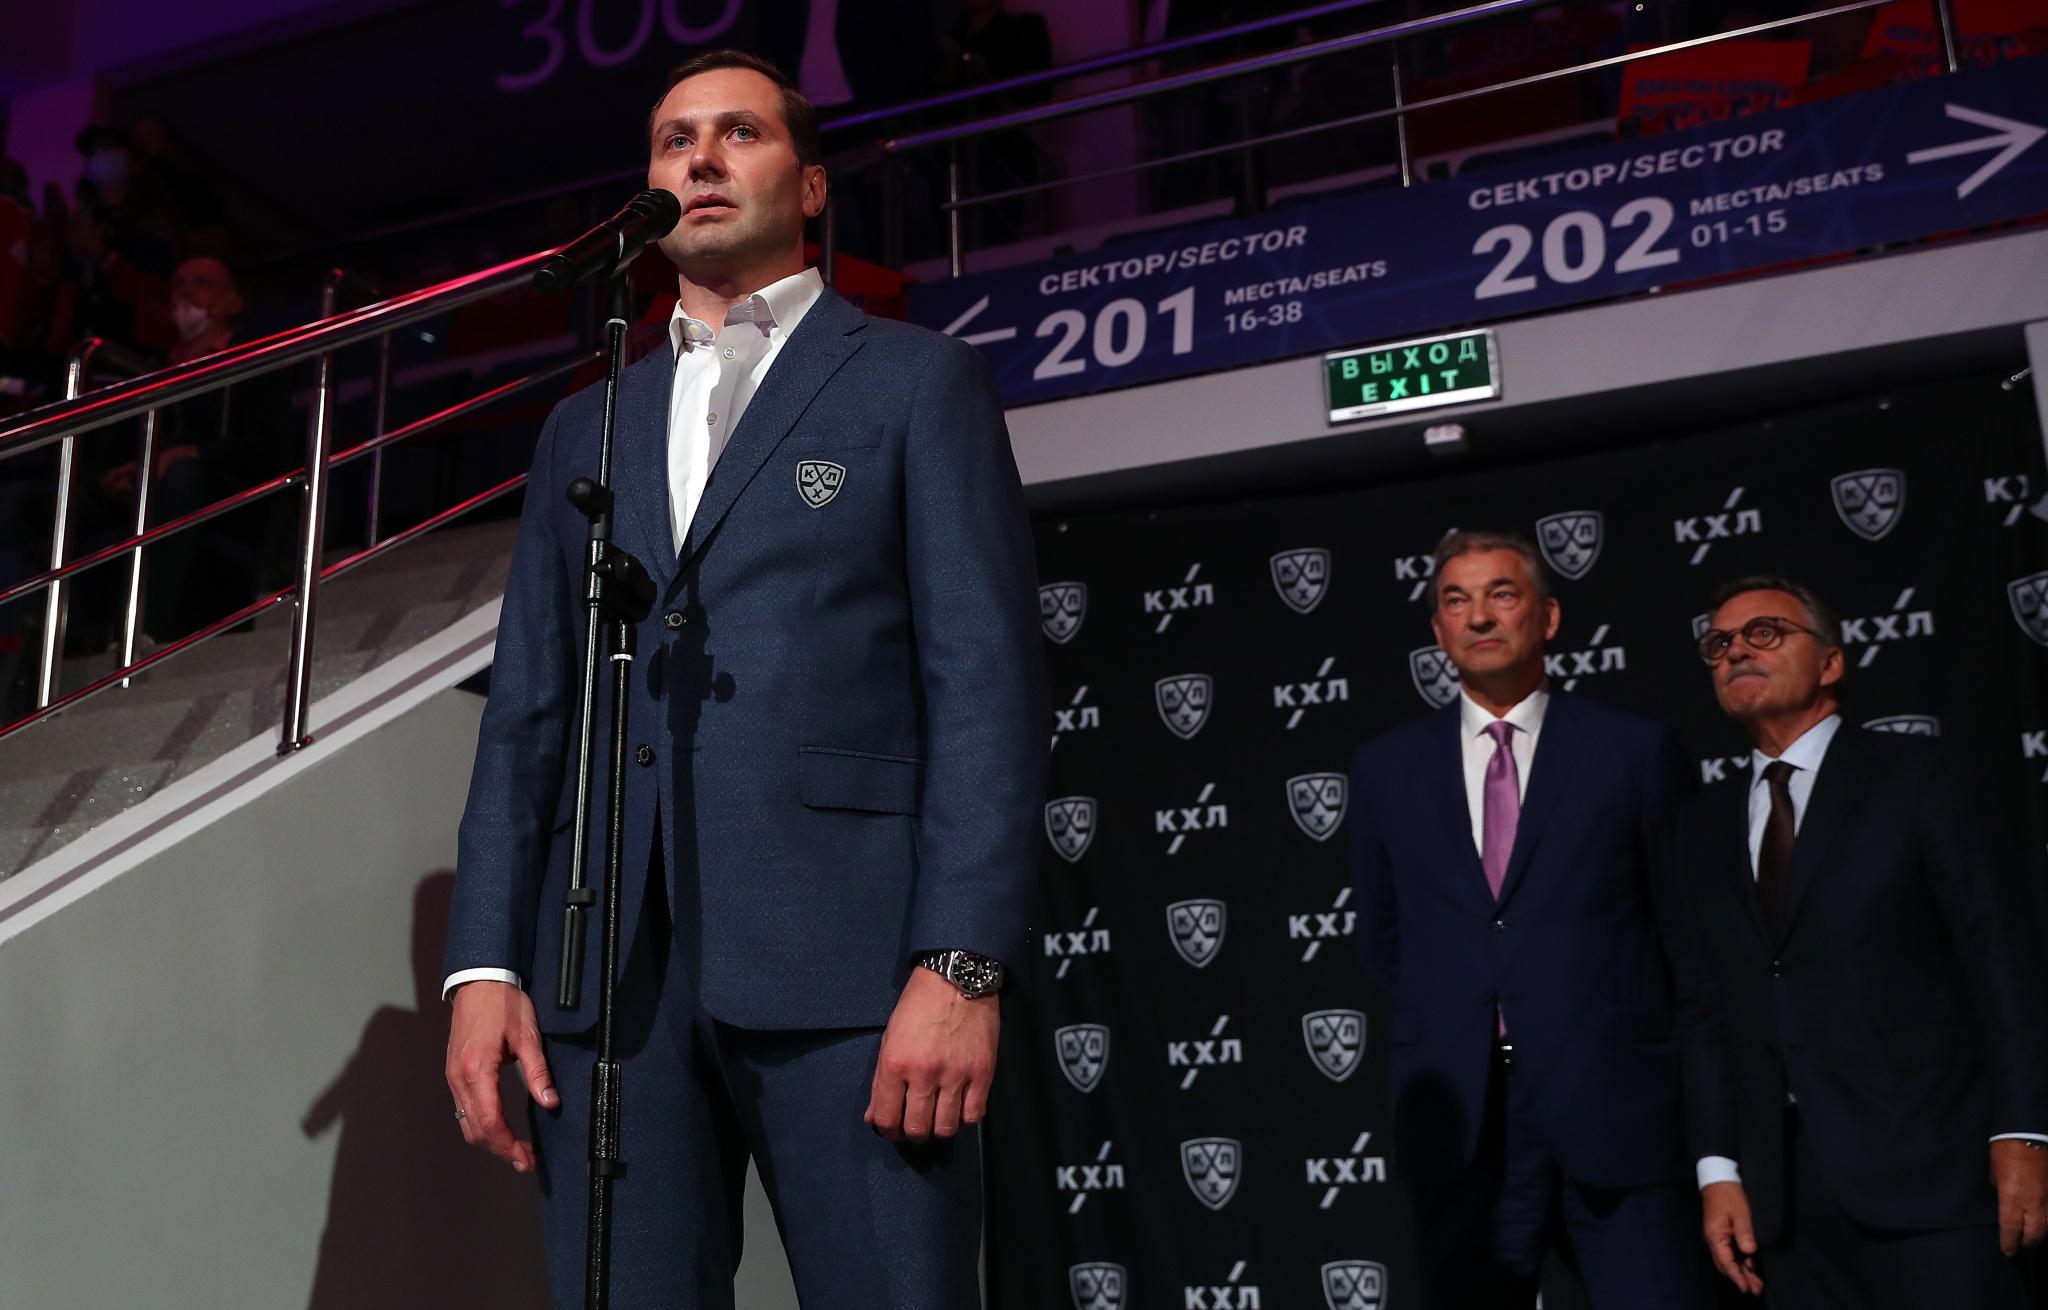 Алексей Морозов на церемонии открытия сезона 2020/2021. Фото: Юрий Кузьмин